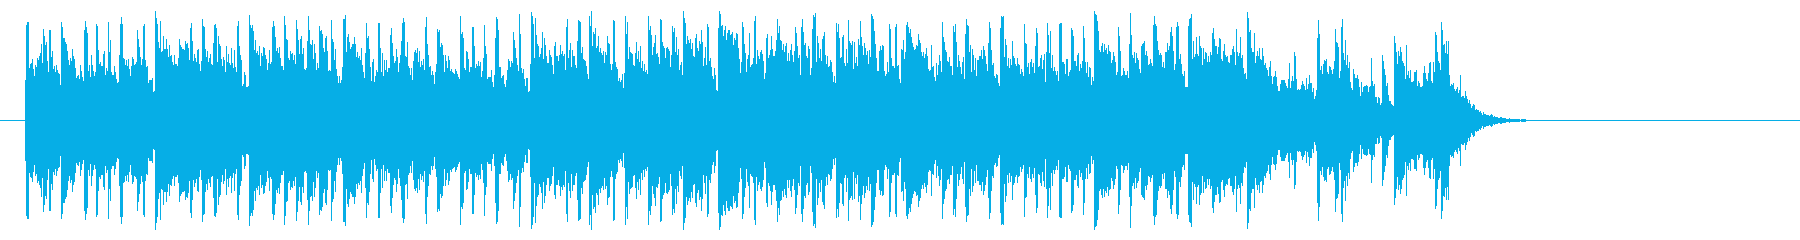 新生活へと出発するポップ(サビ~エンド)の再生済みの波形